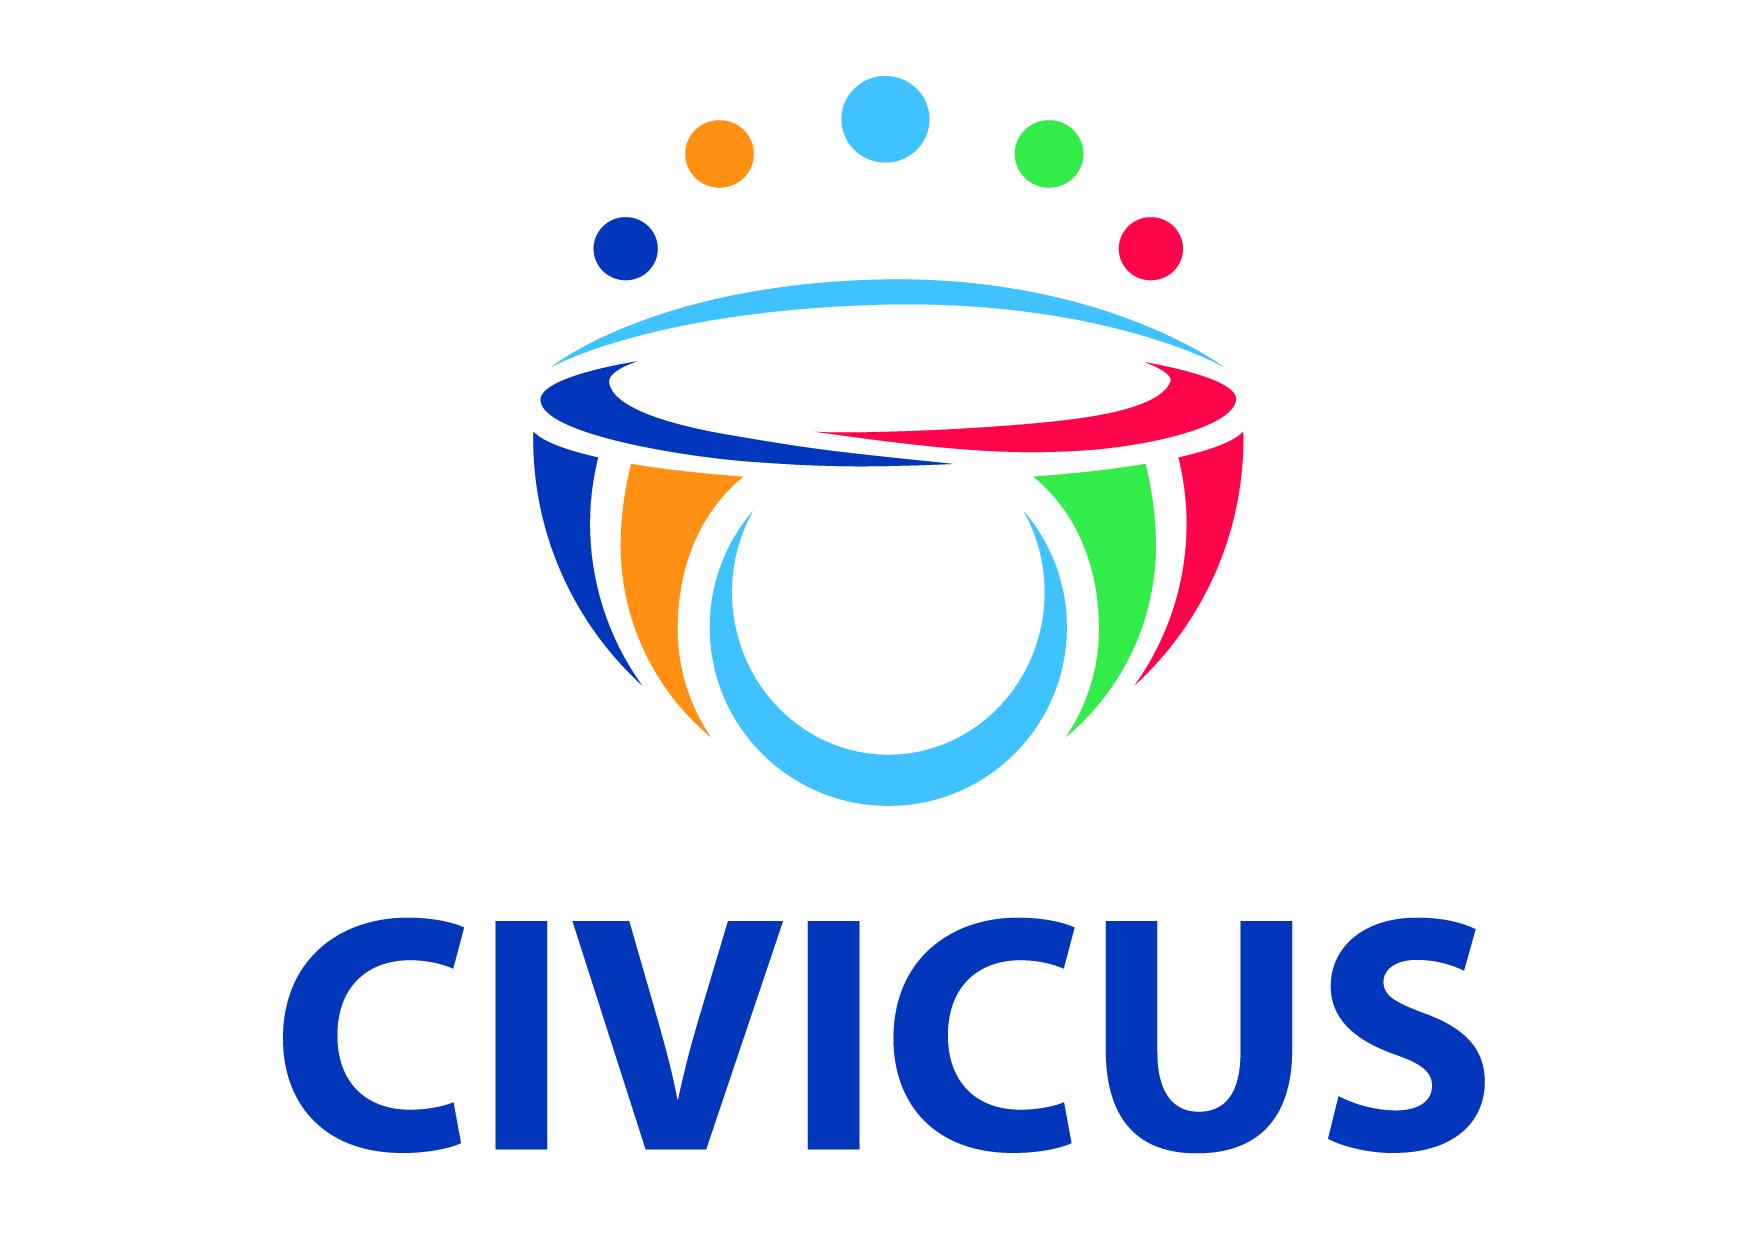 civicus-logo.jpg